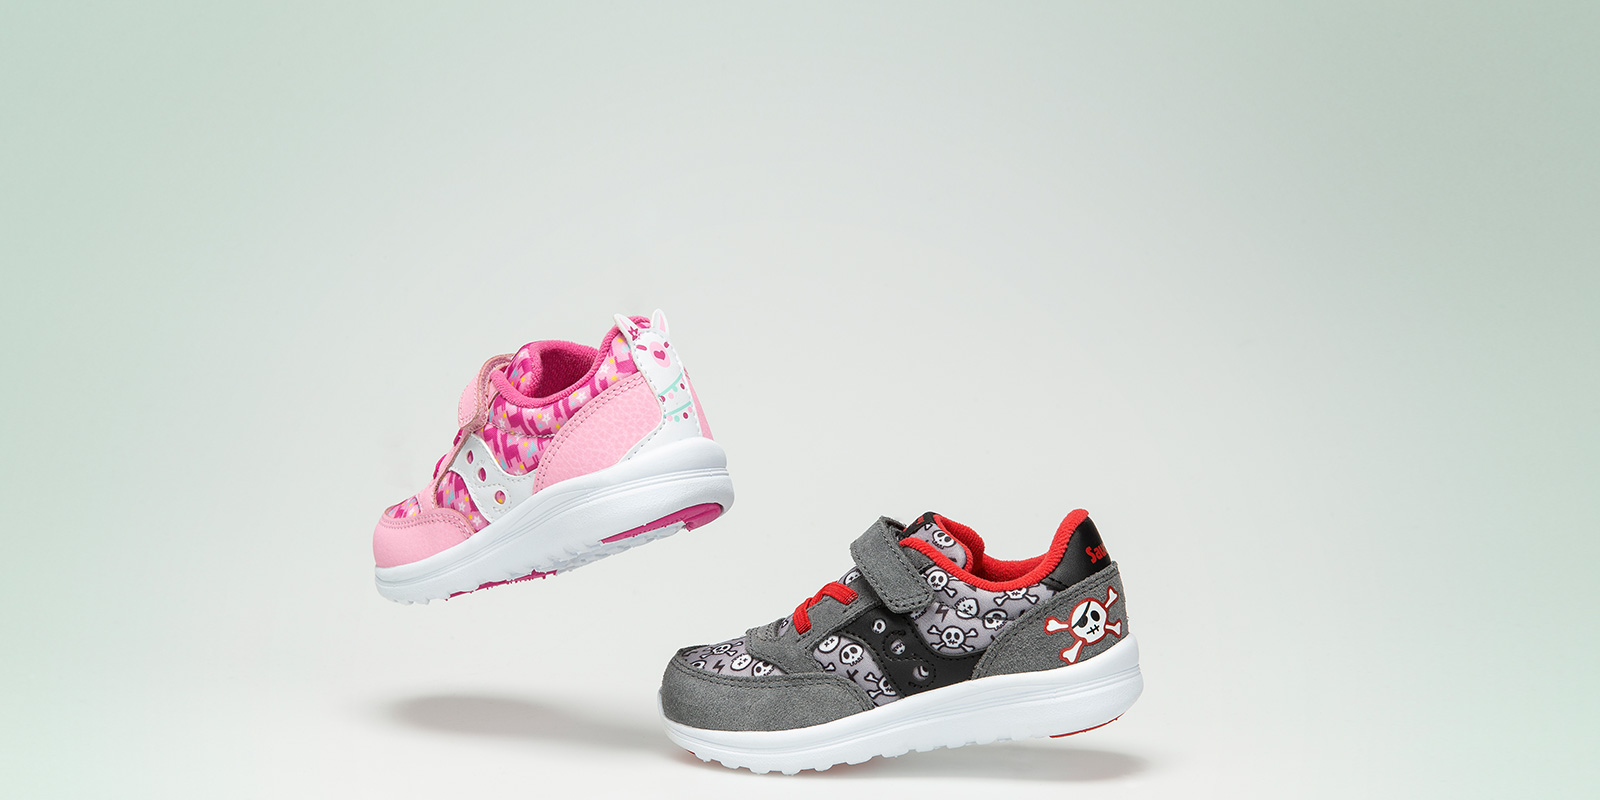 reputable site 2364e 11e82 Saucony Kids Running Shoes | Saucony